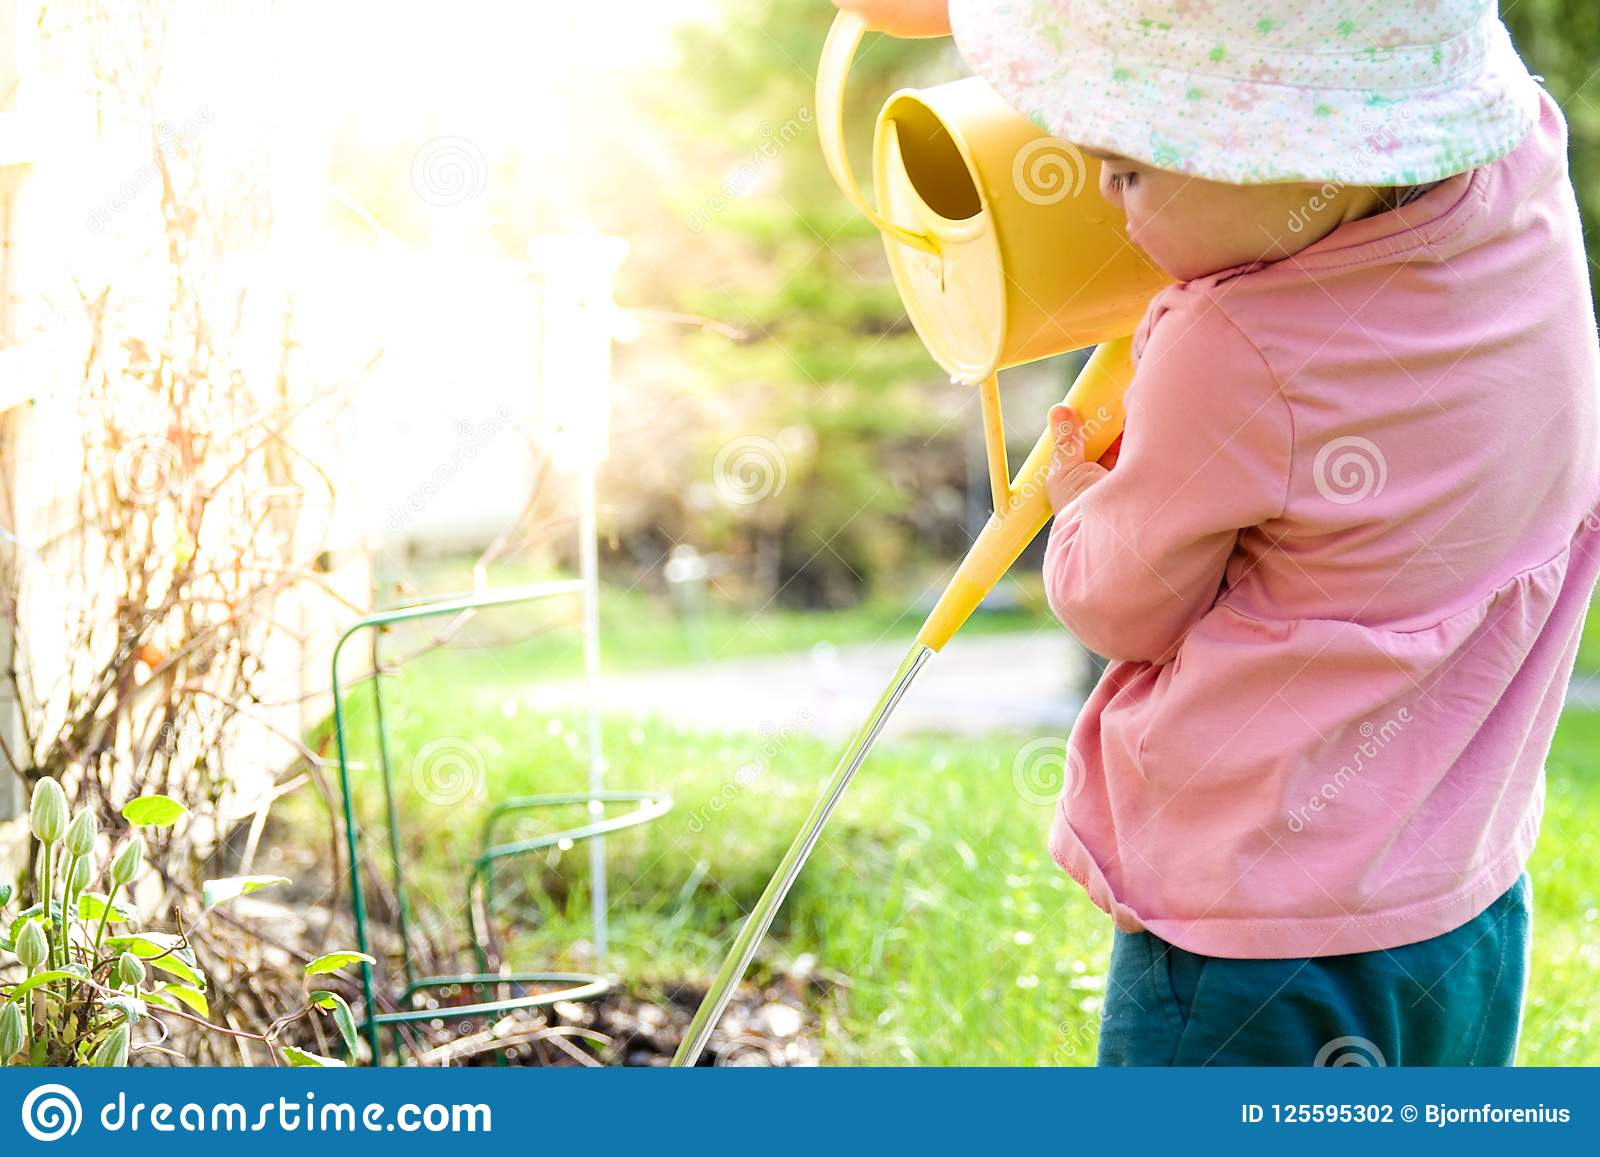 Flores de riego de un pequeño bebé con una jarra amarilla del agua